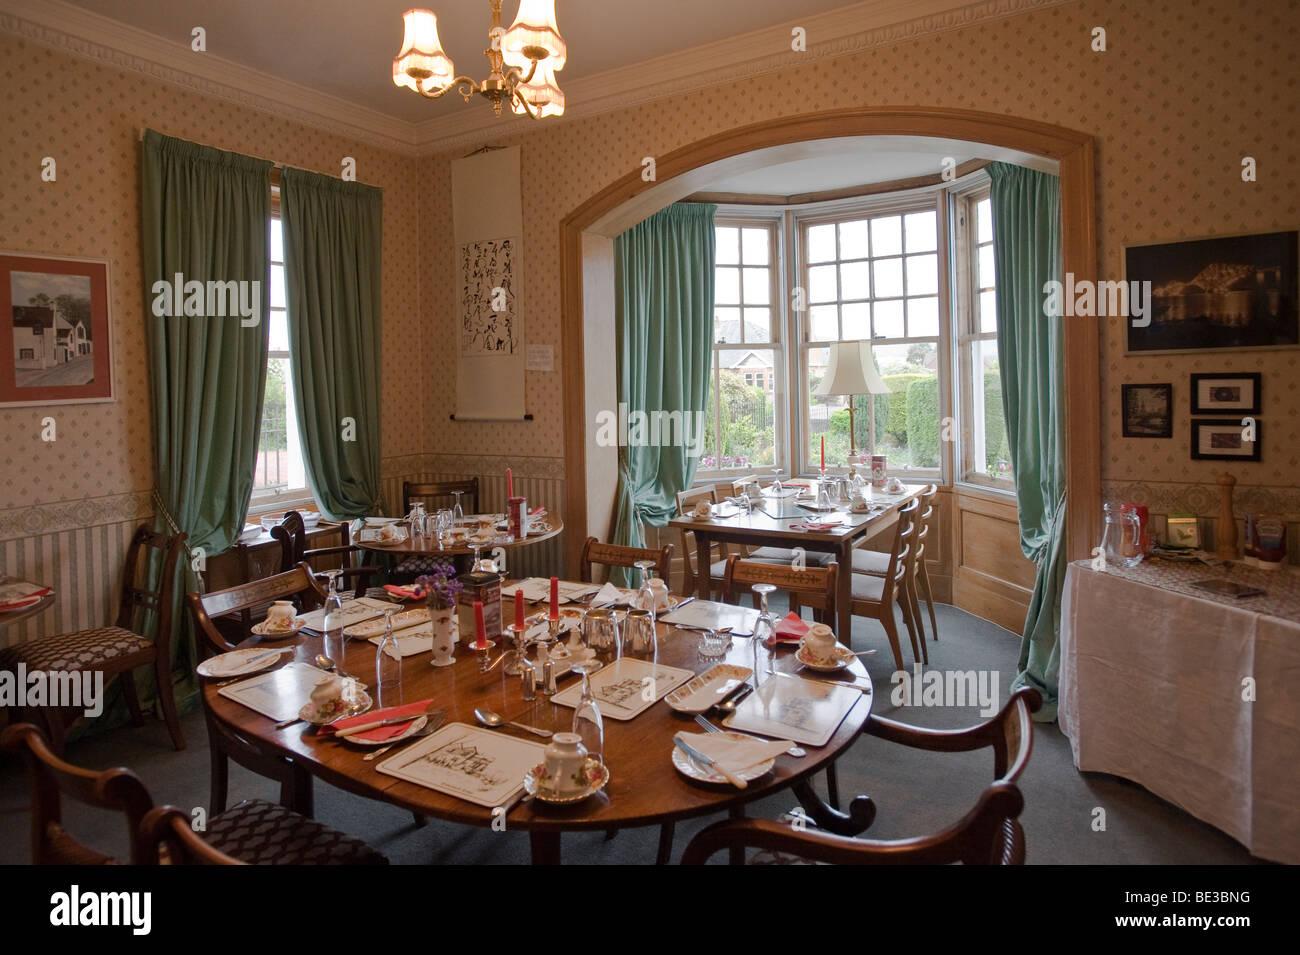 Typischer Fruehstuecksraum eines Bed and Breakfast, Edinburgh, Scotland, United Kingdom, Europe - Stock Image